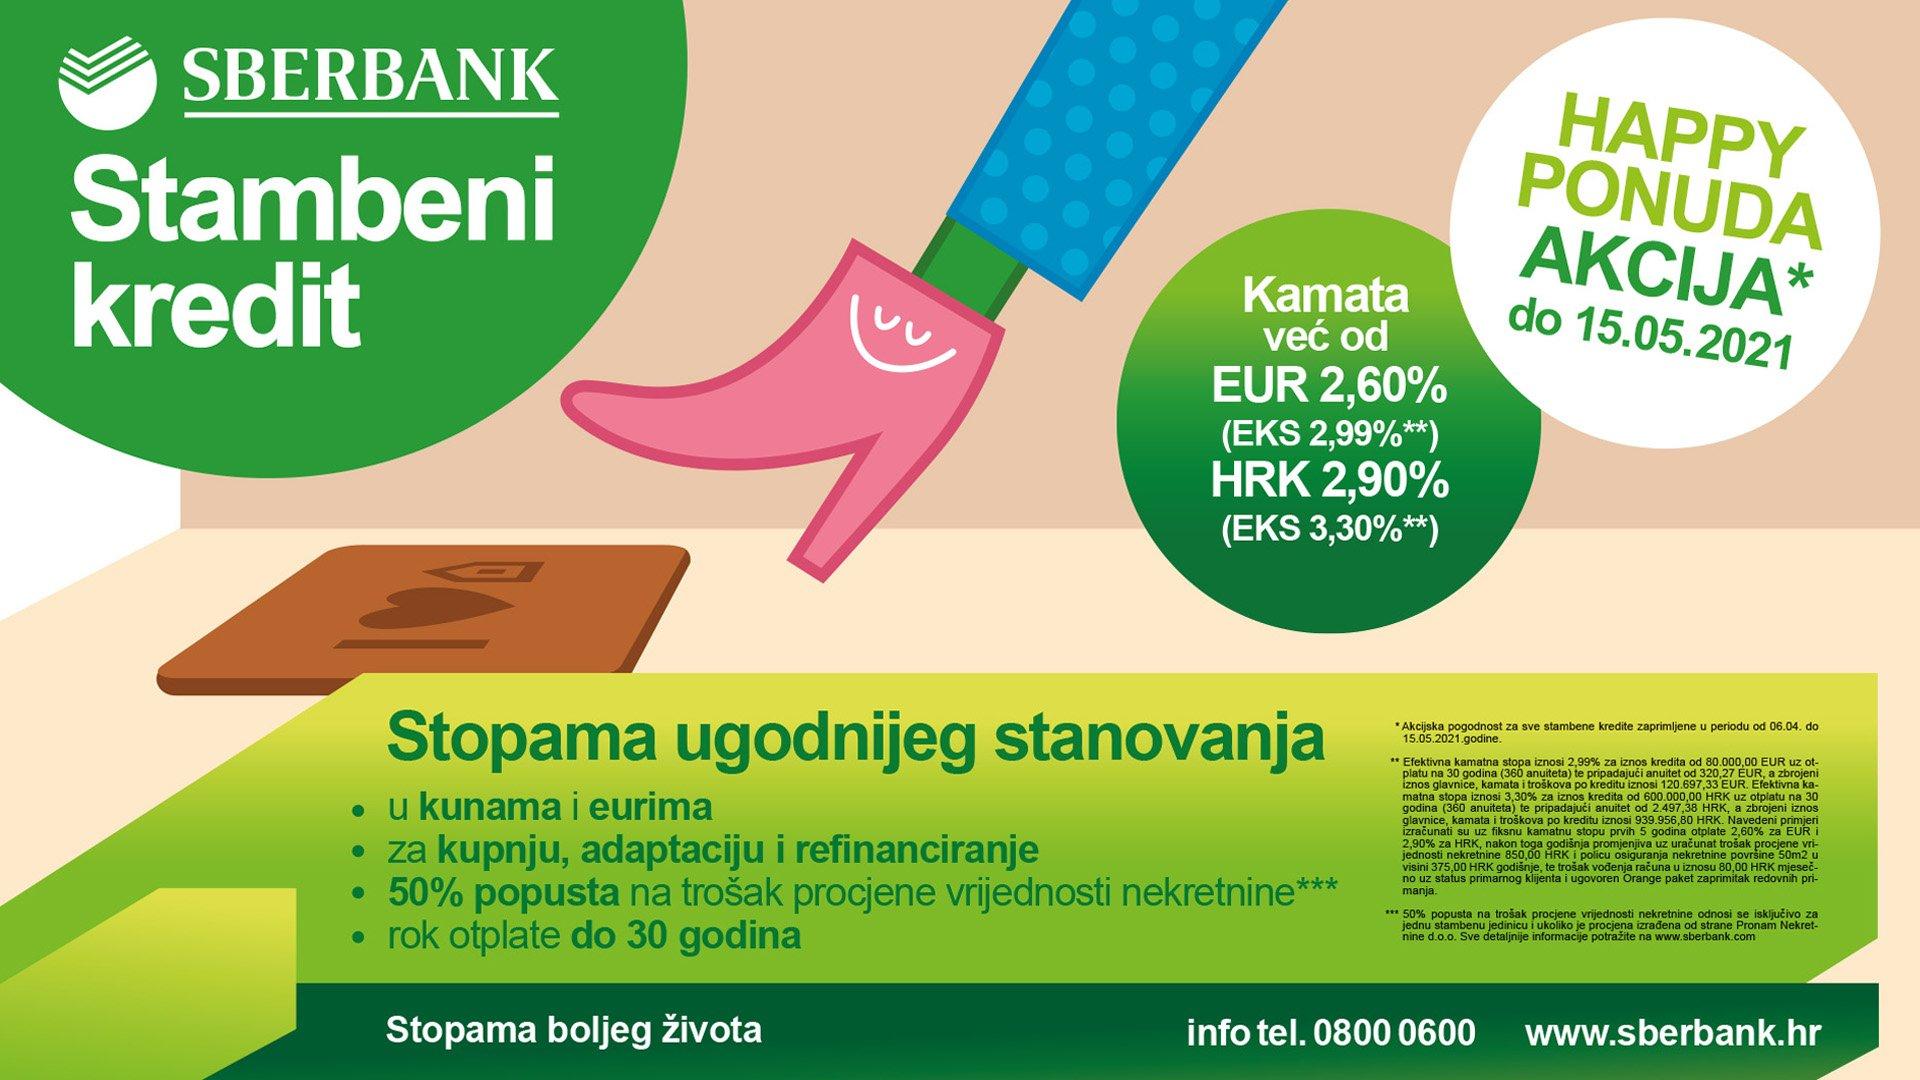 Sberbank & Neel Con cooperation